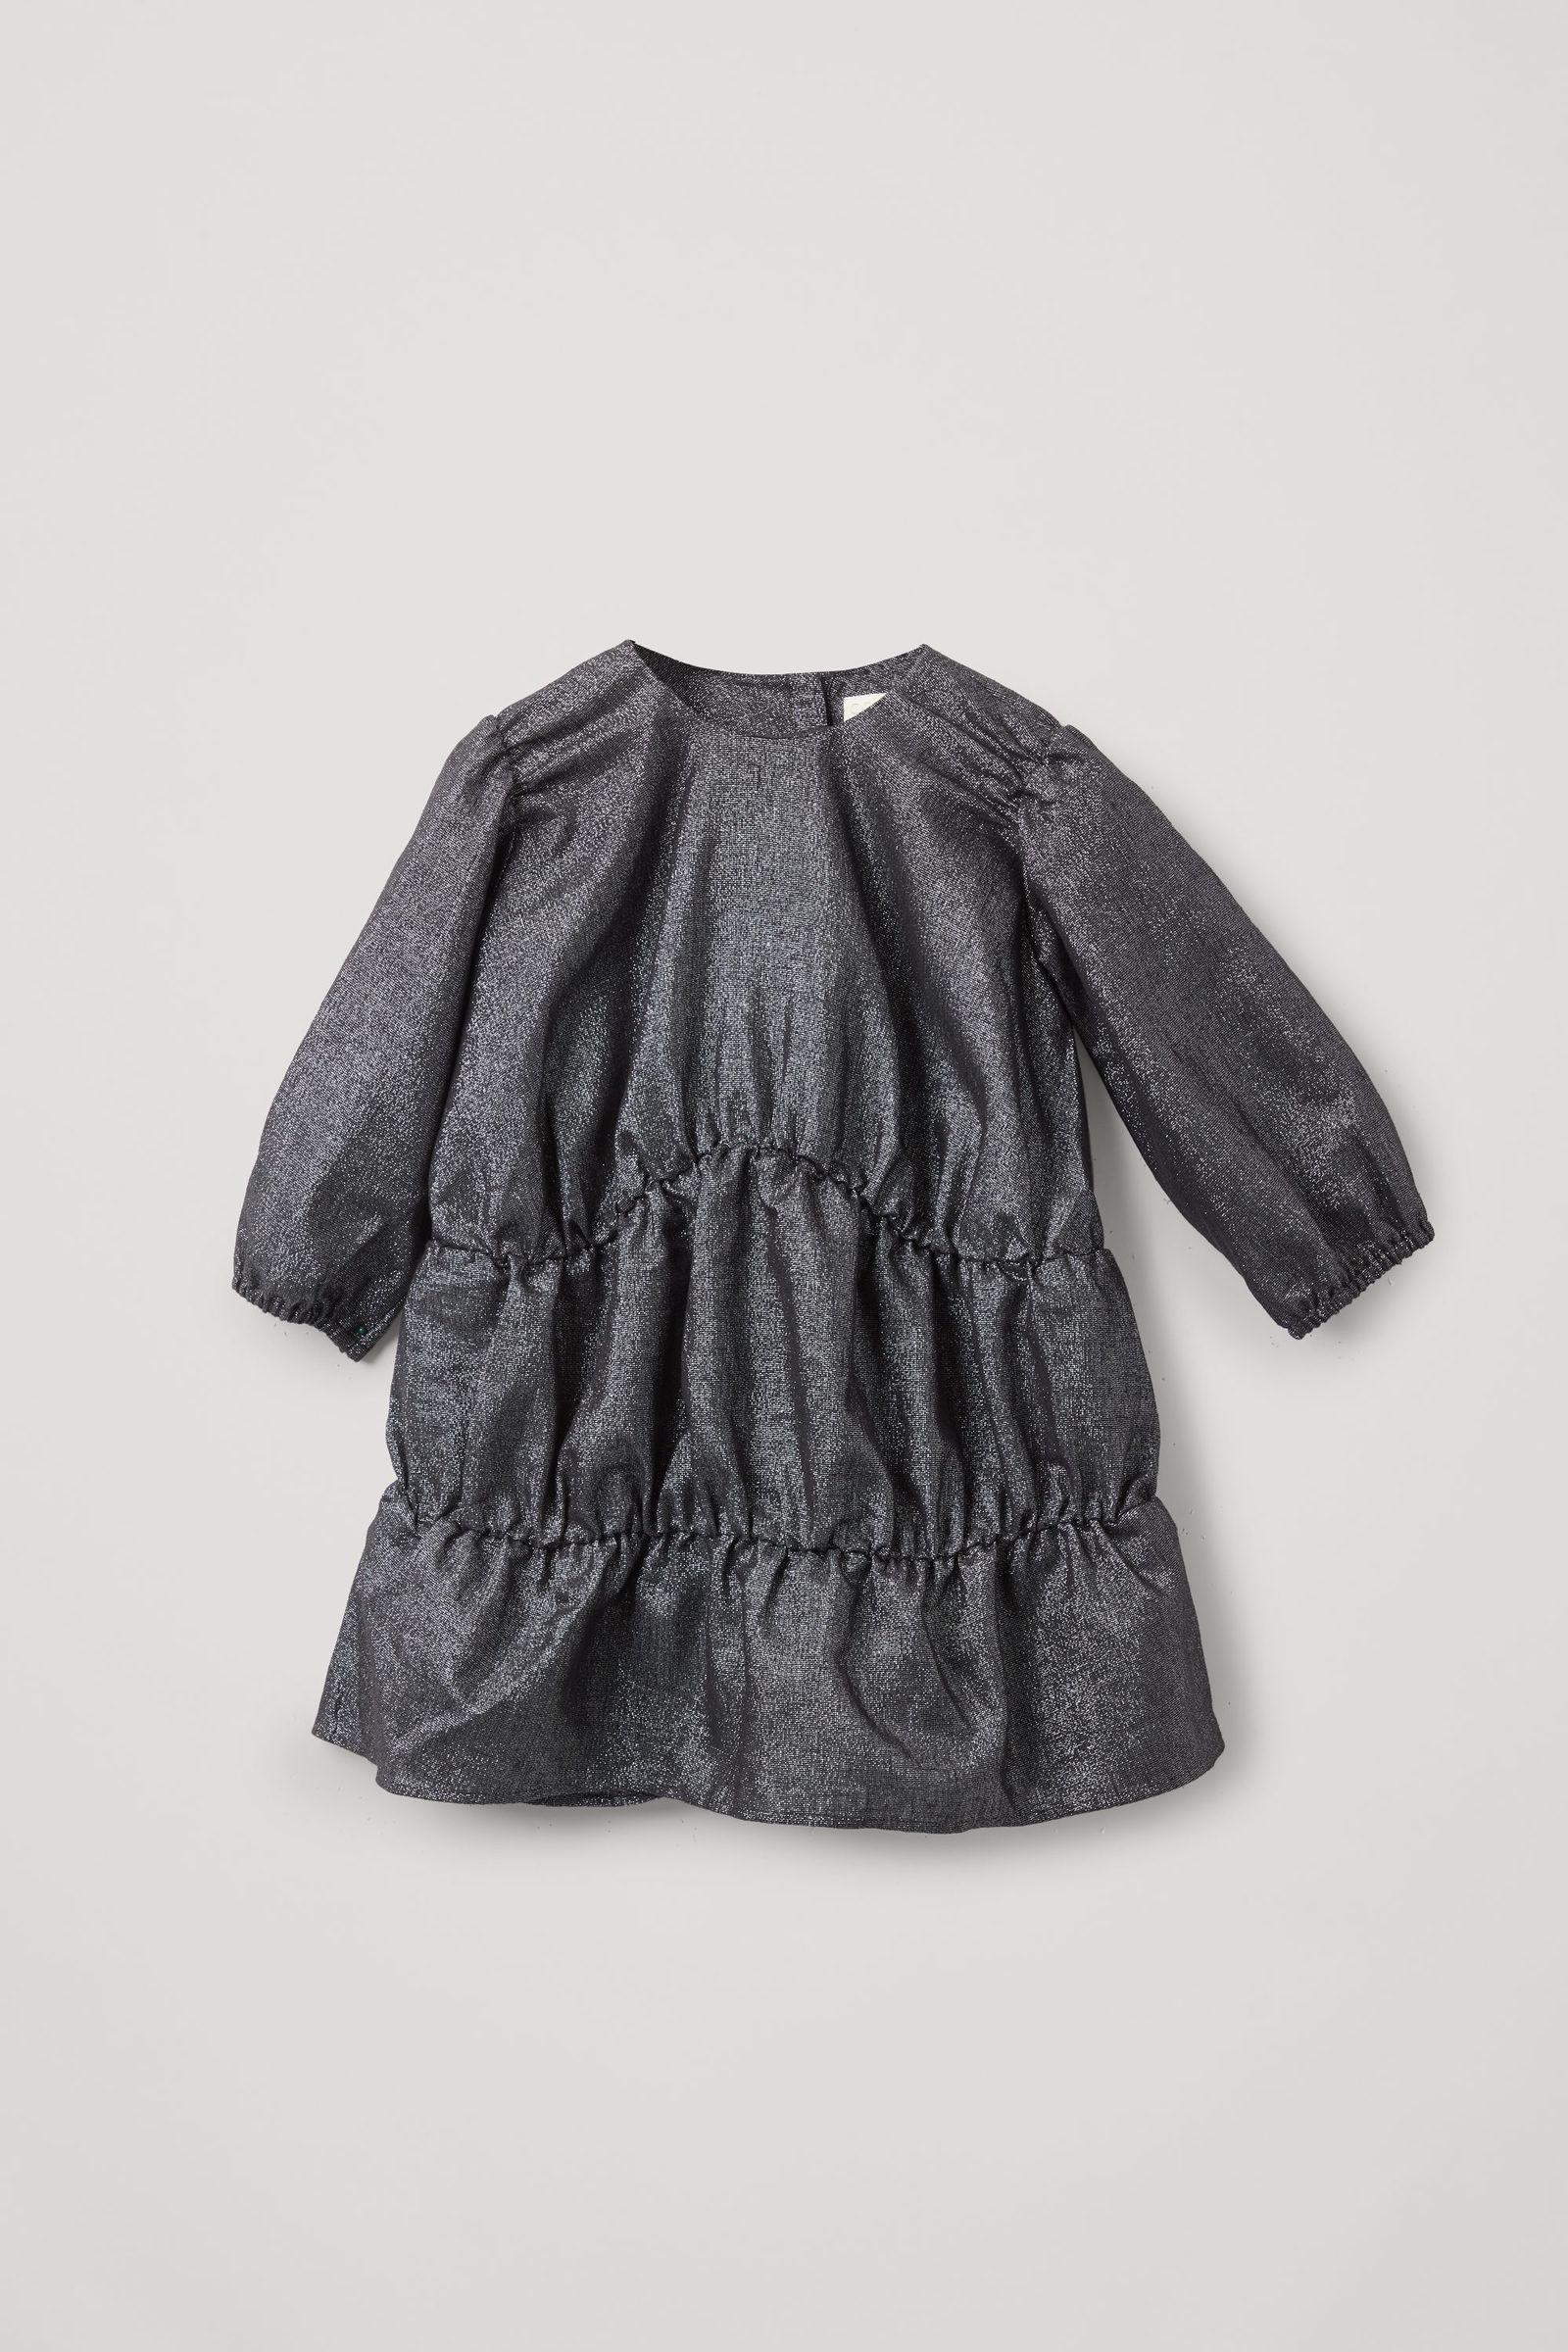 COS 개더드 루렉스 드레스의 블랙컬러 Product입니다.